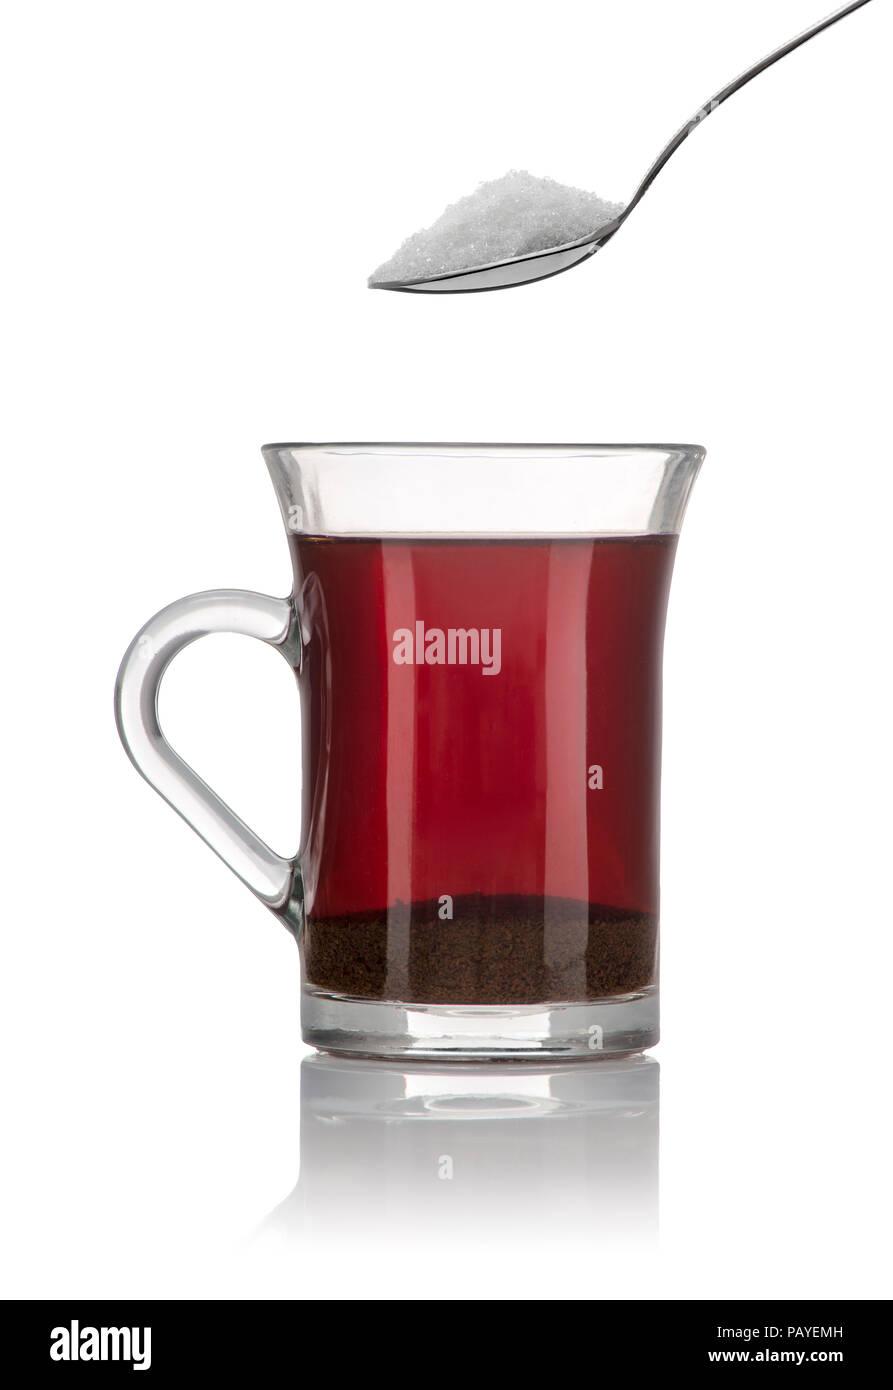 Eine Tasse Tee und ein Frühstück Sppon Zucker isoliert auf weißem Hintergrund Stockbild